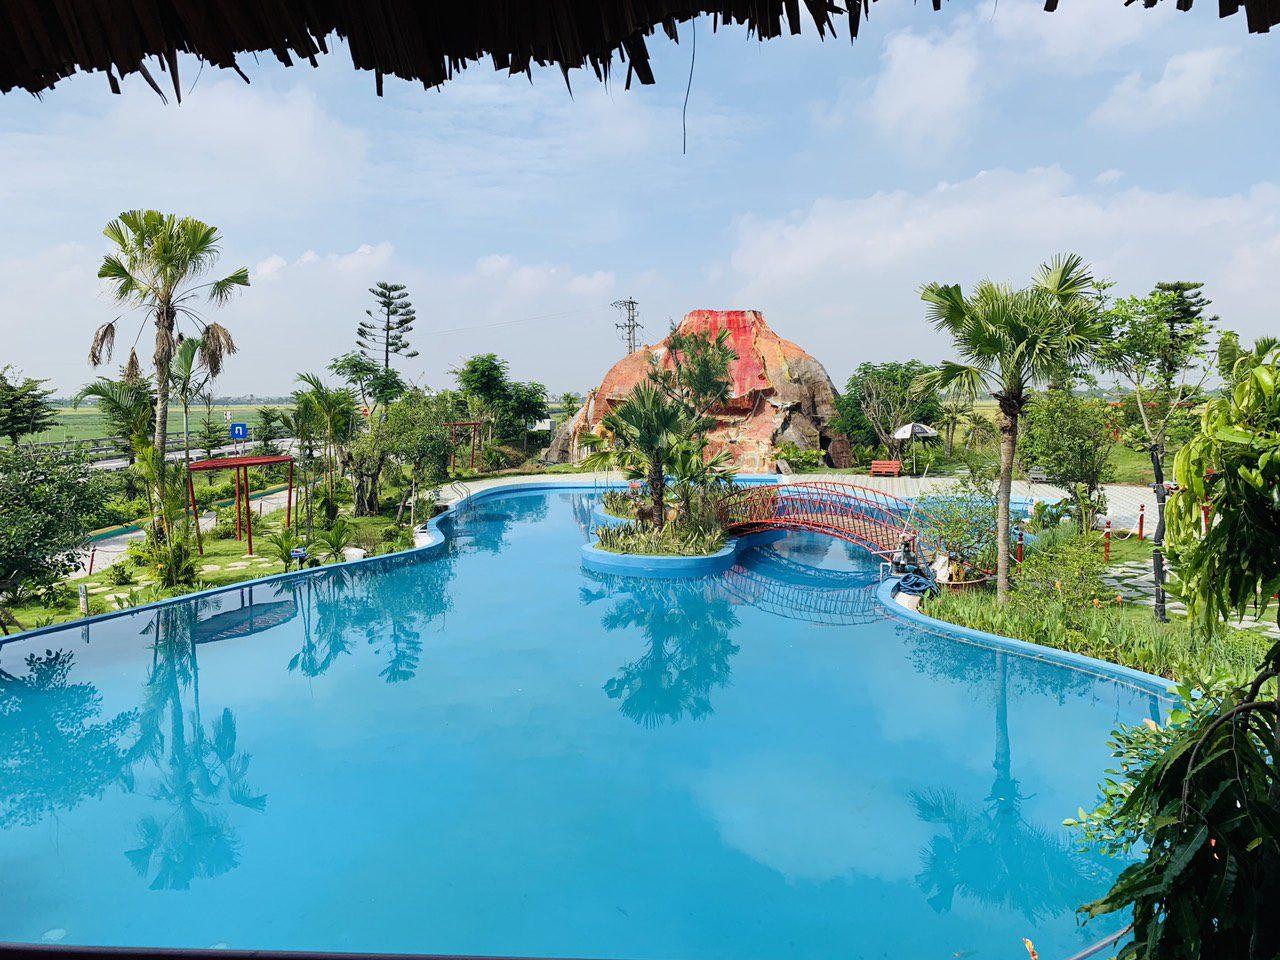 Hồ bơi vô cực Green Park Hưng Hà Thái Bình